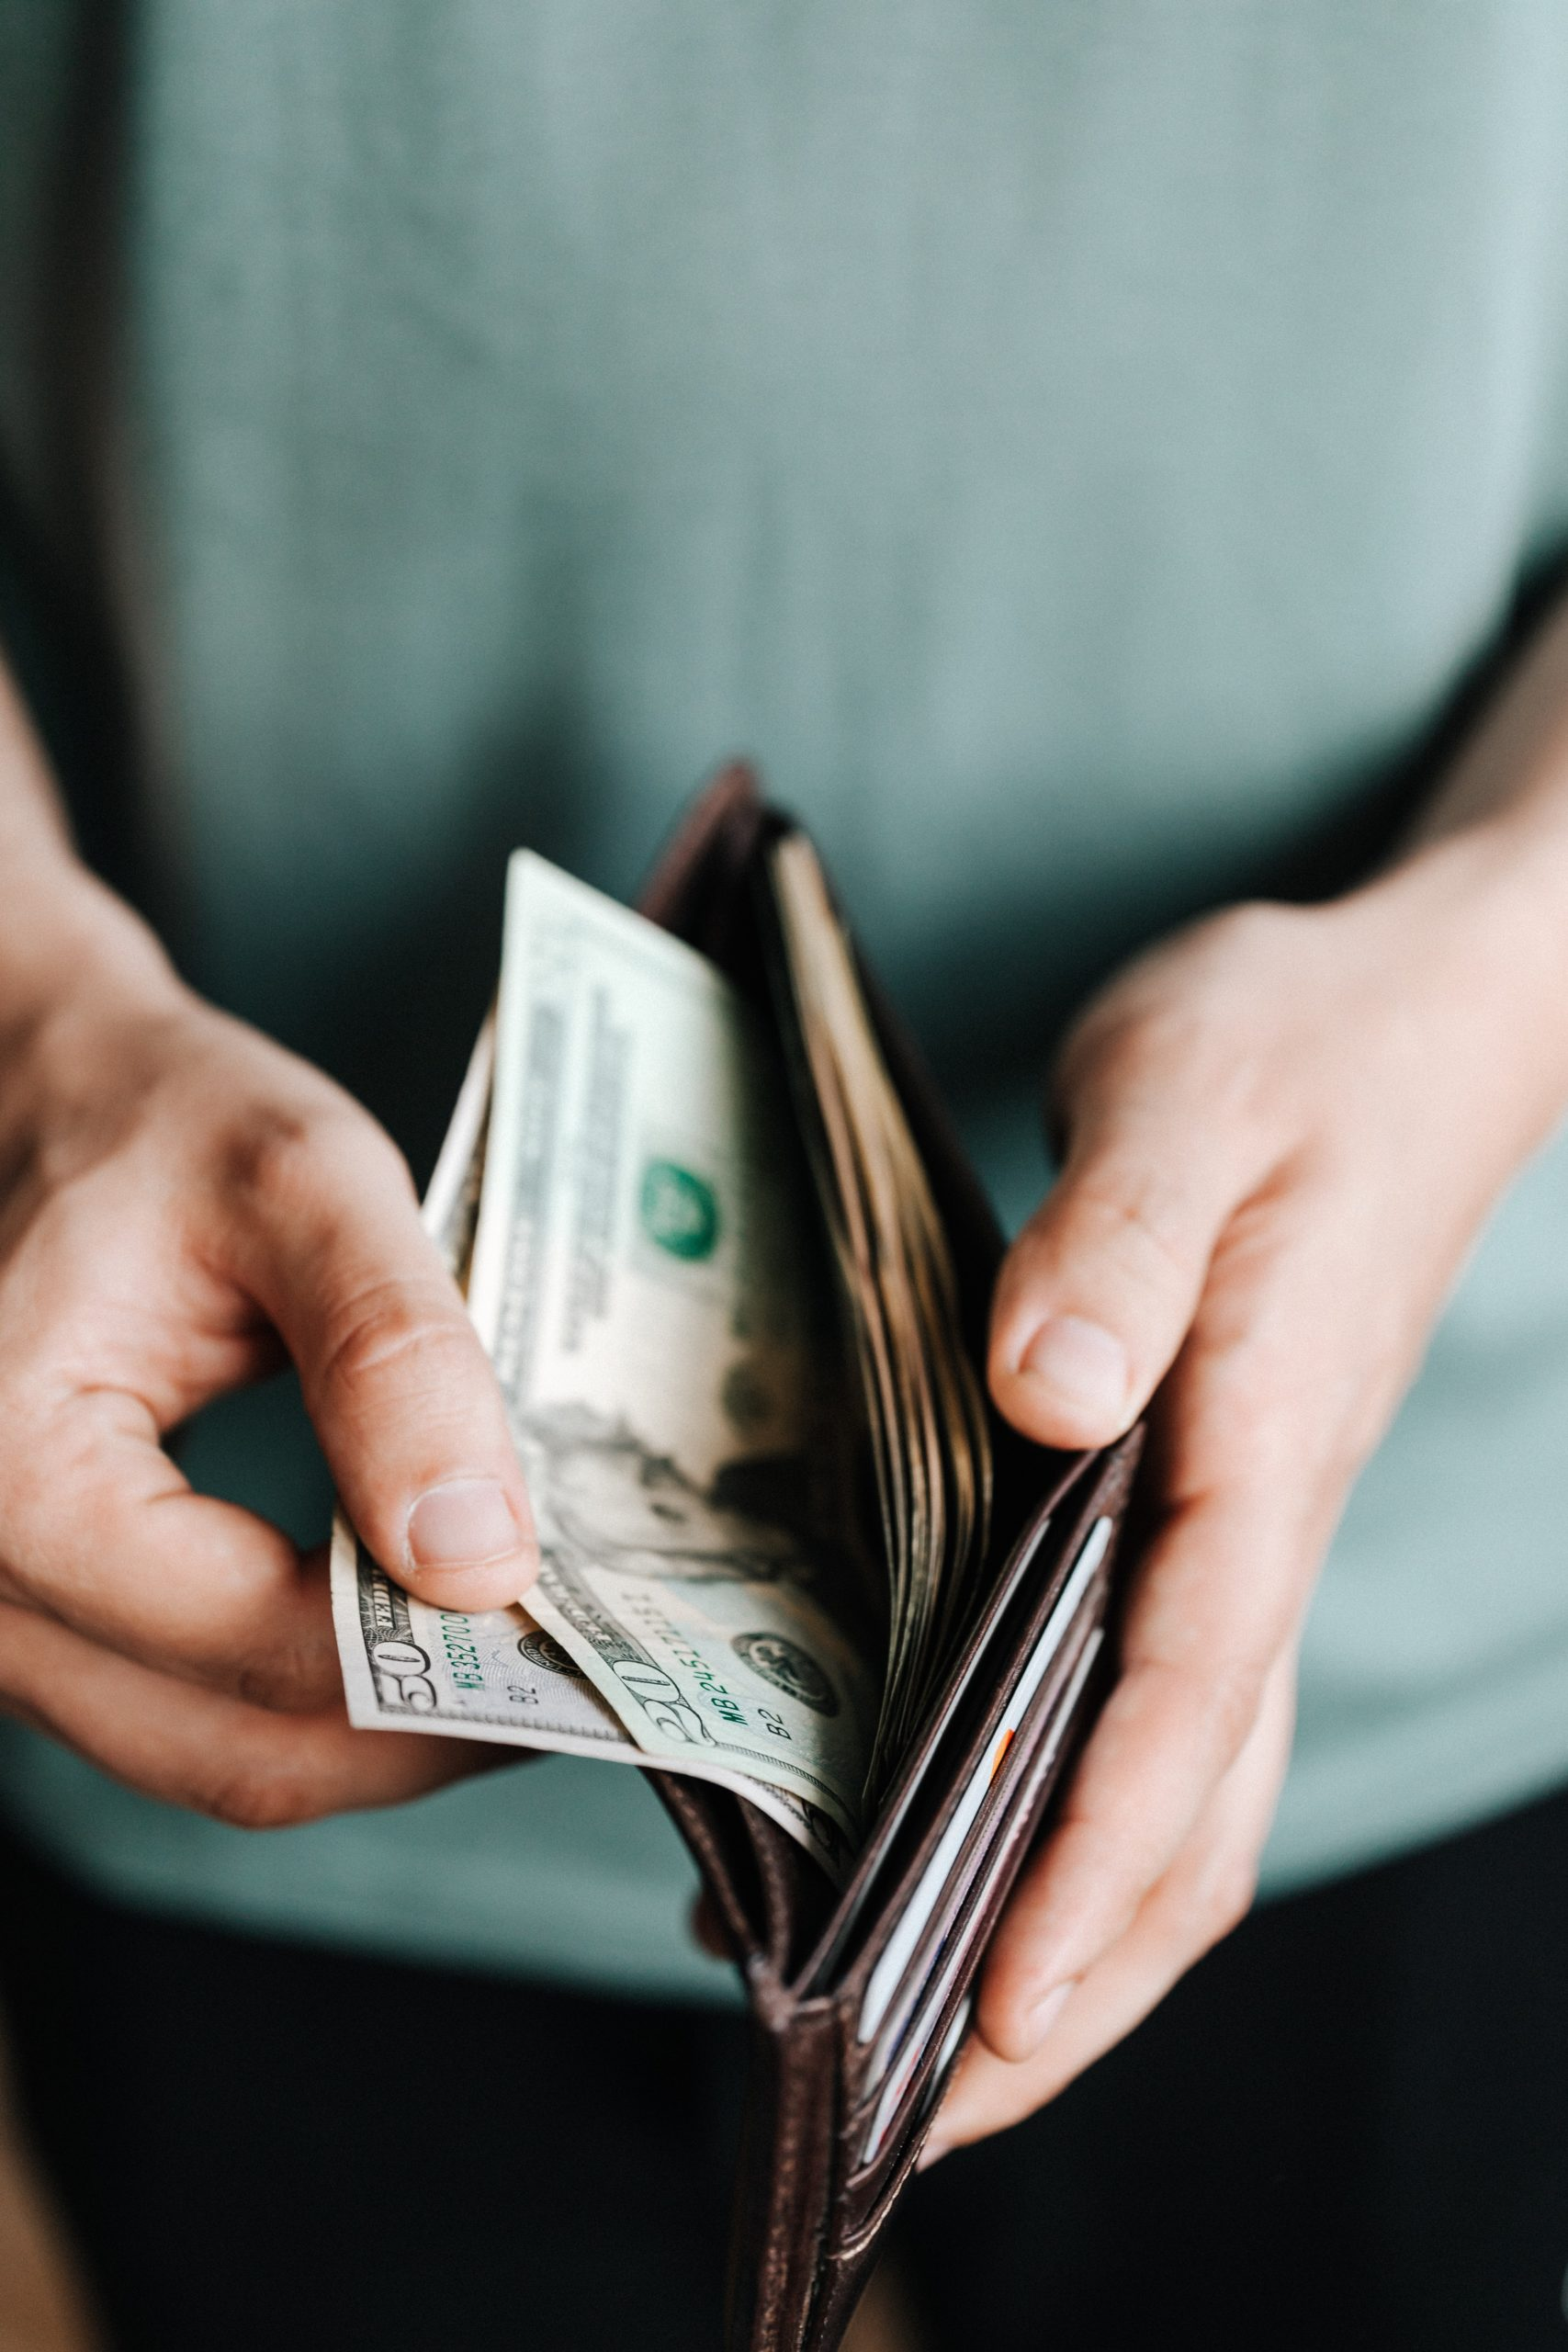 受傷導致薪資收入減少時,可以向加害人主張什麼權利